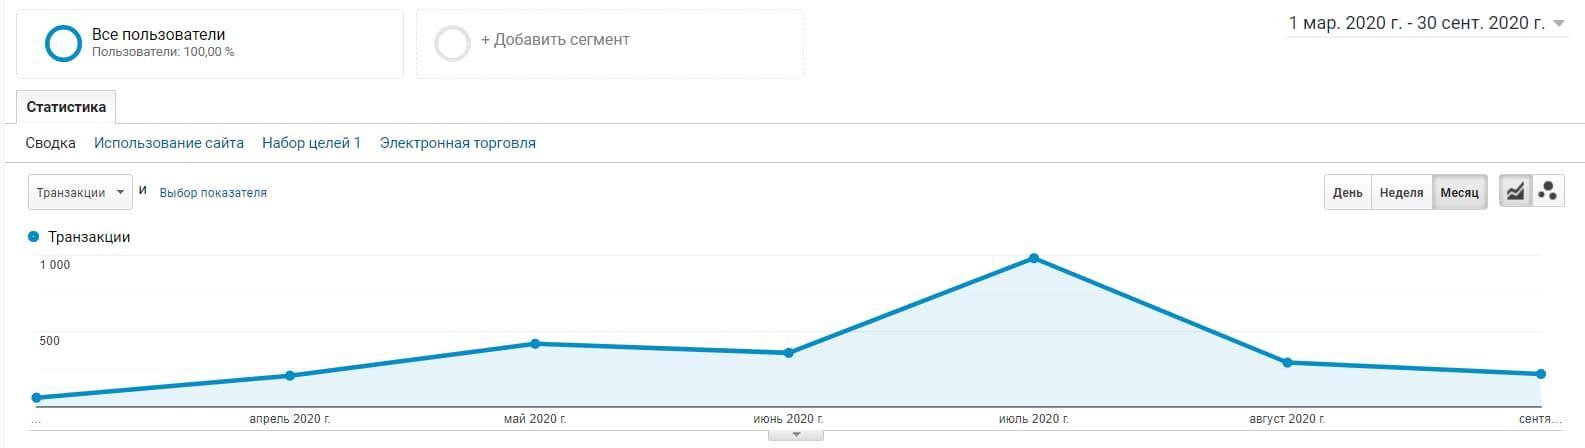 Как в пандемию вдвое увеличить продажи товара не первой необходимости: аналитика - Кейс E-Promo